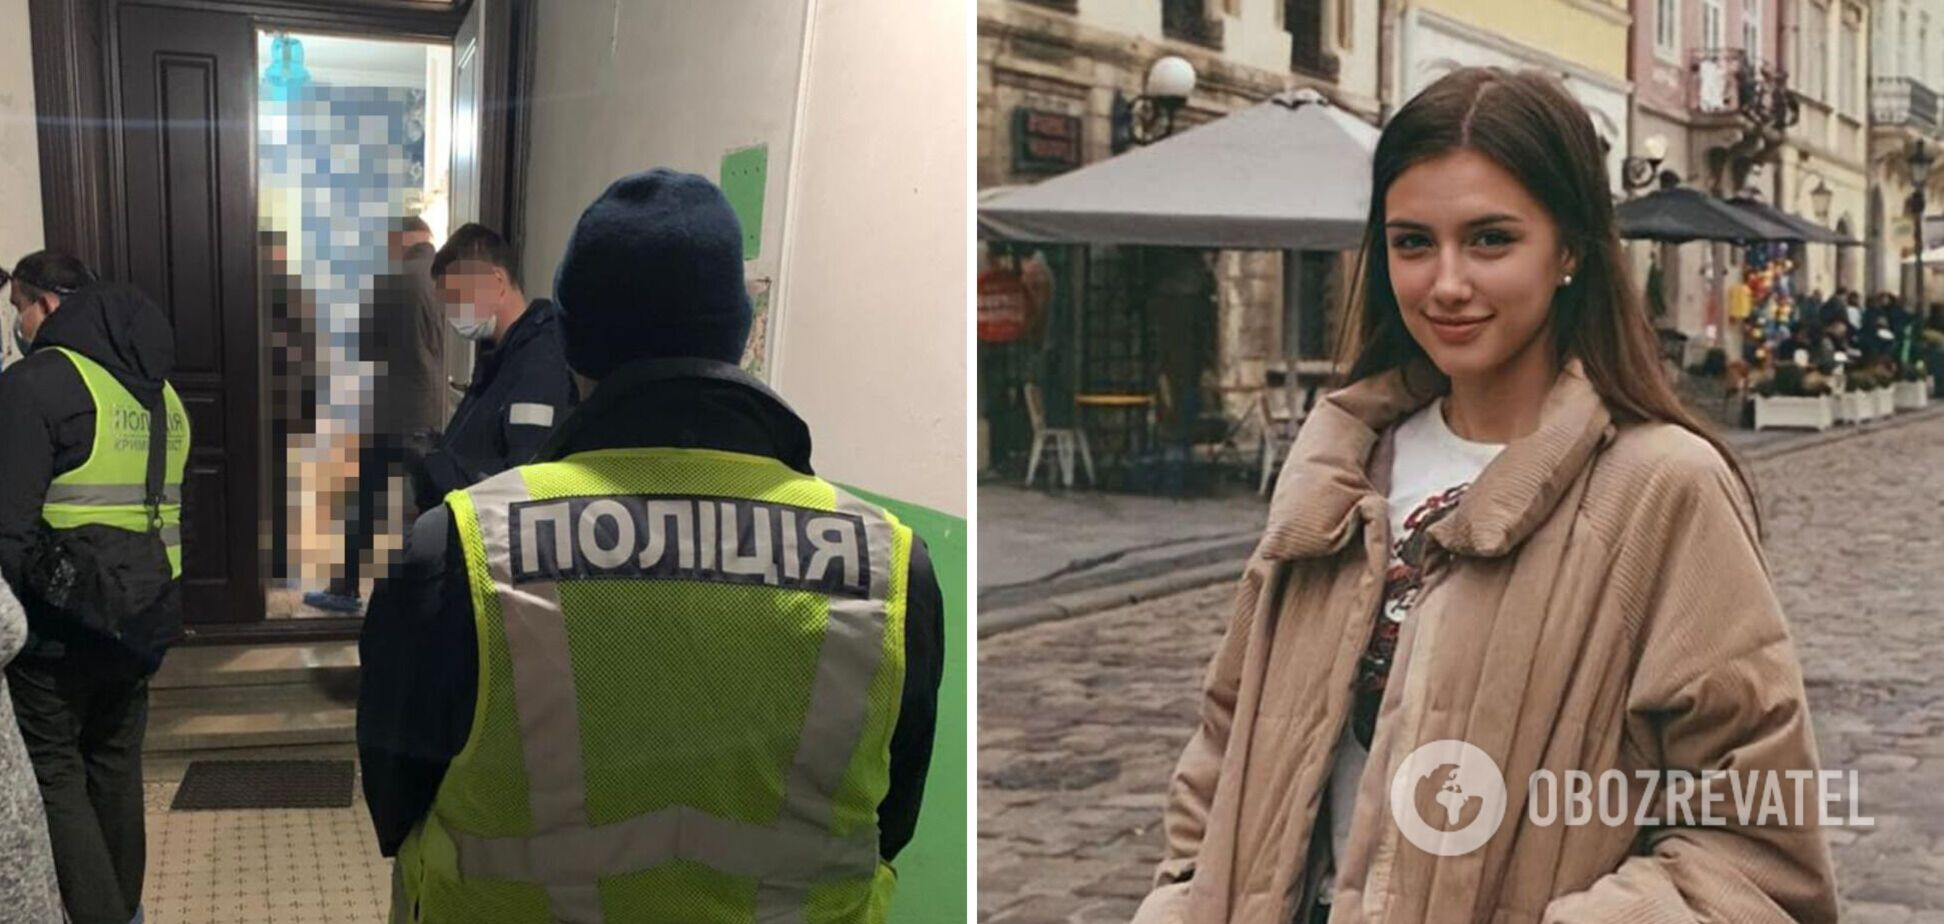 Во Львове пропавшую студентку нашли убитой в съемной квартире: подозреваемый задержан. Фото девушки